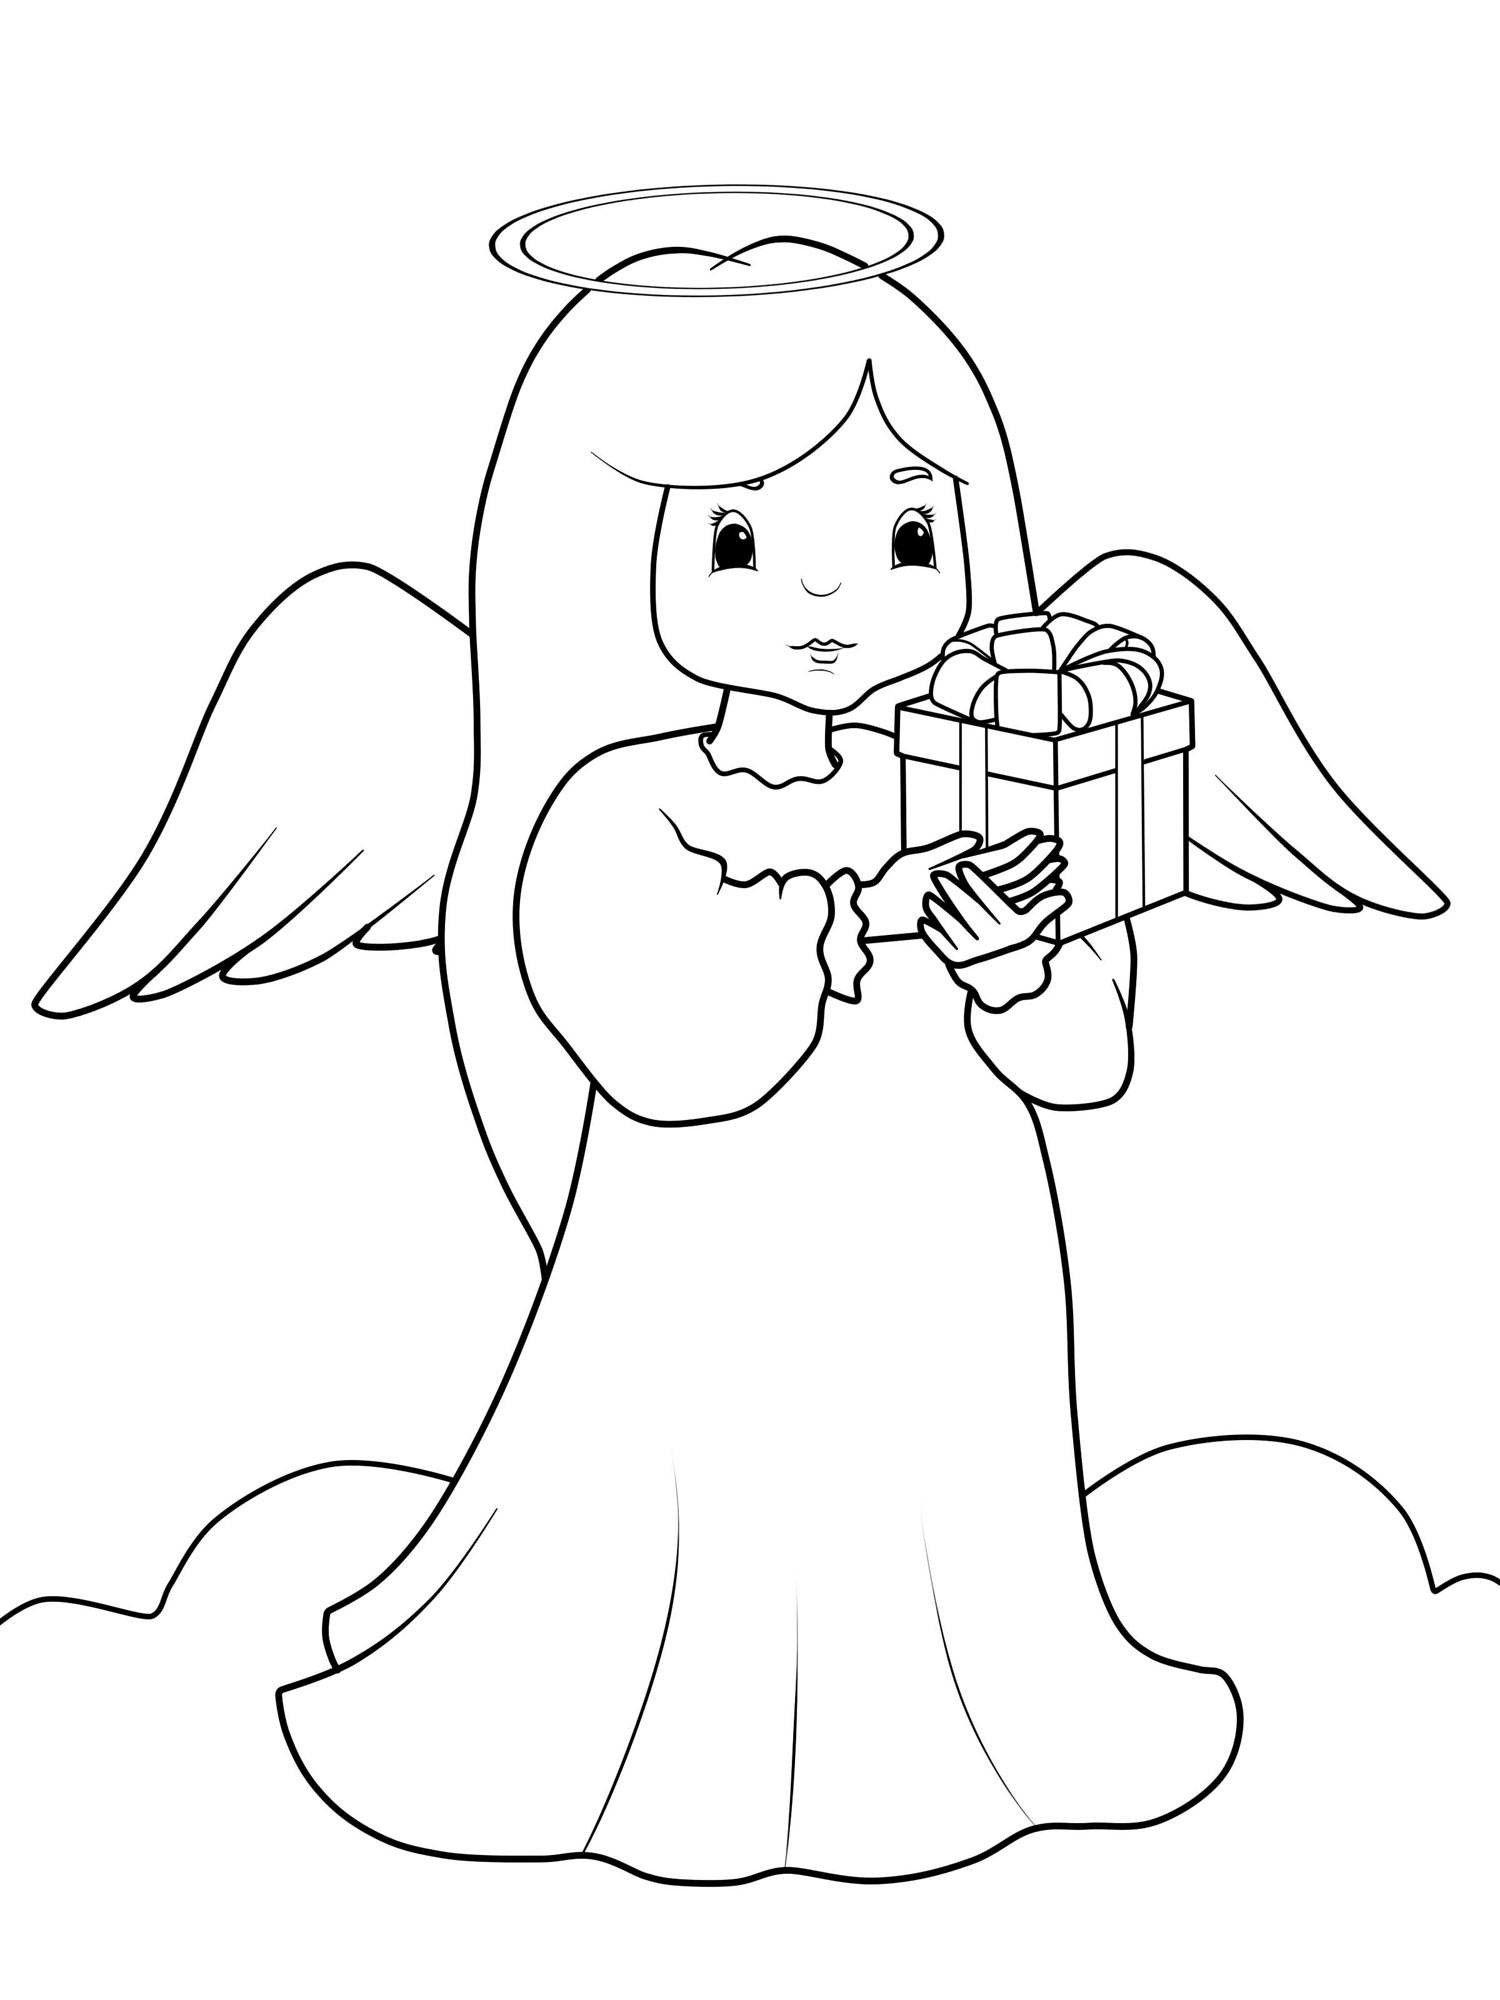 weihnachten engel malvorlagen  Ausmalbilder weihnachten